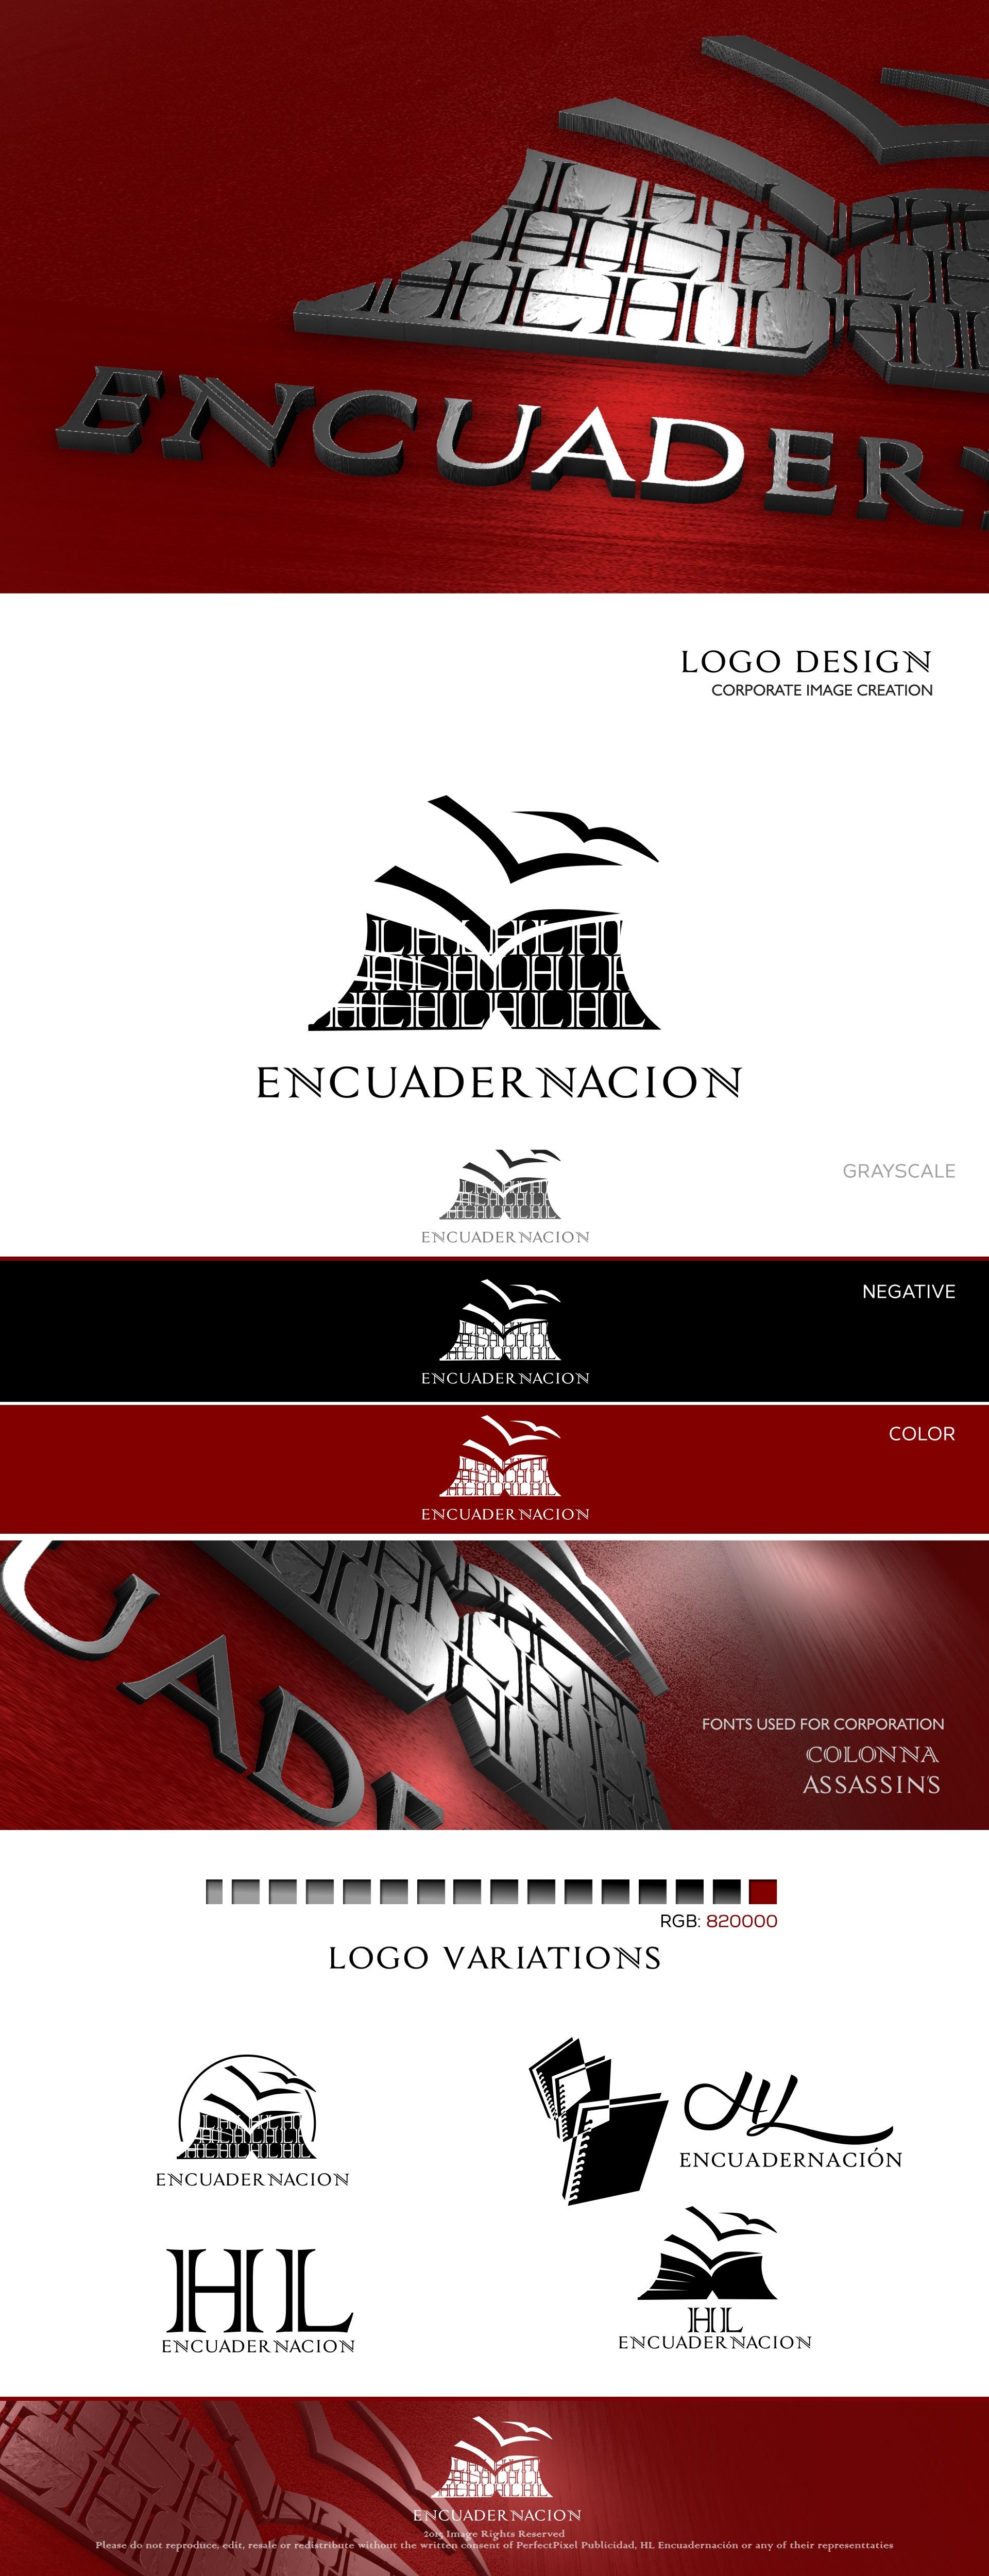 HL Encuadernación Logo and Corporate Identity Design